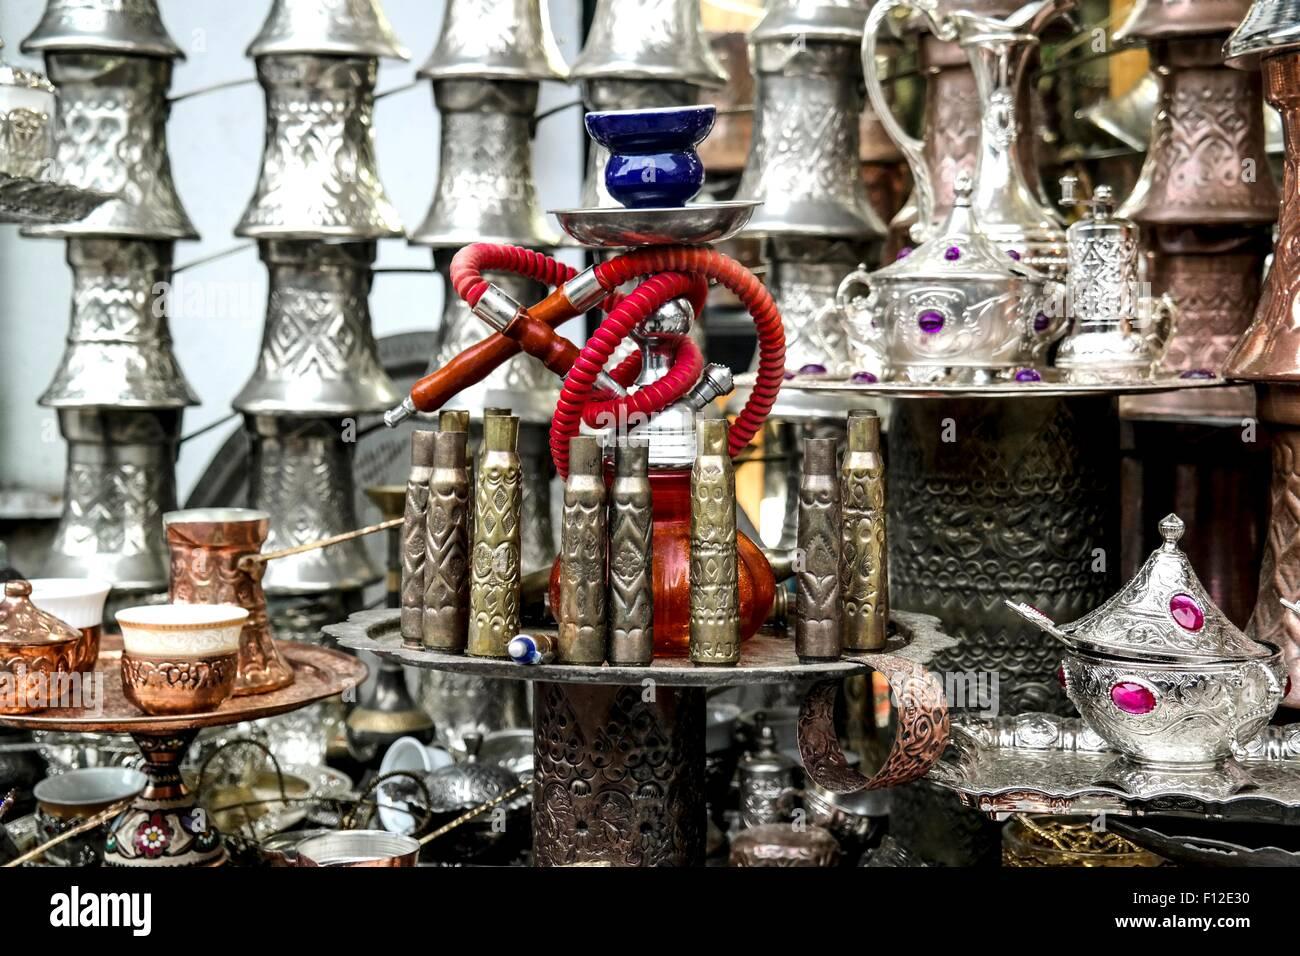 Objects made of grenades from Bosnia's Civil War in Sarajevo's Baščaršija. - Stock Image